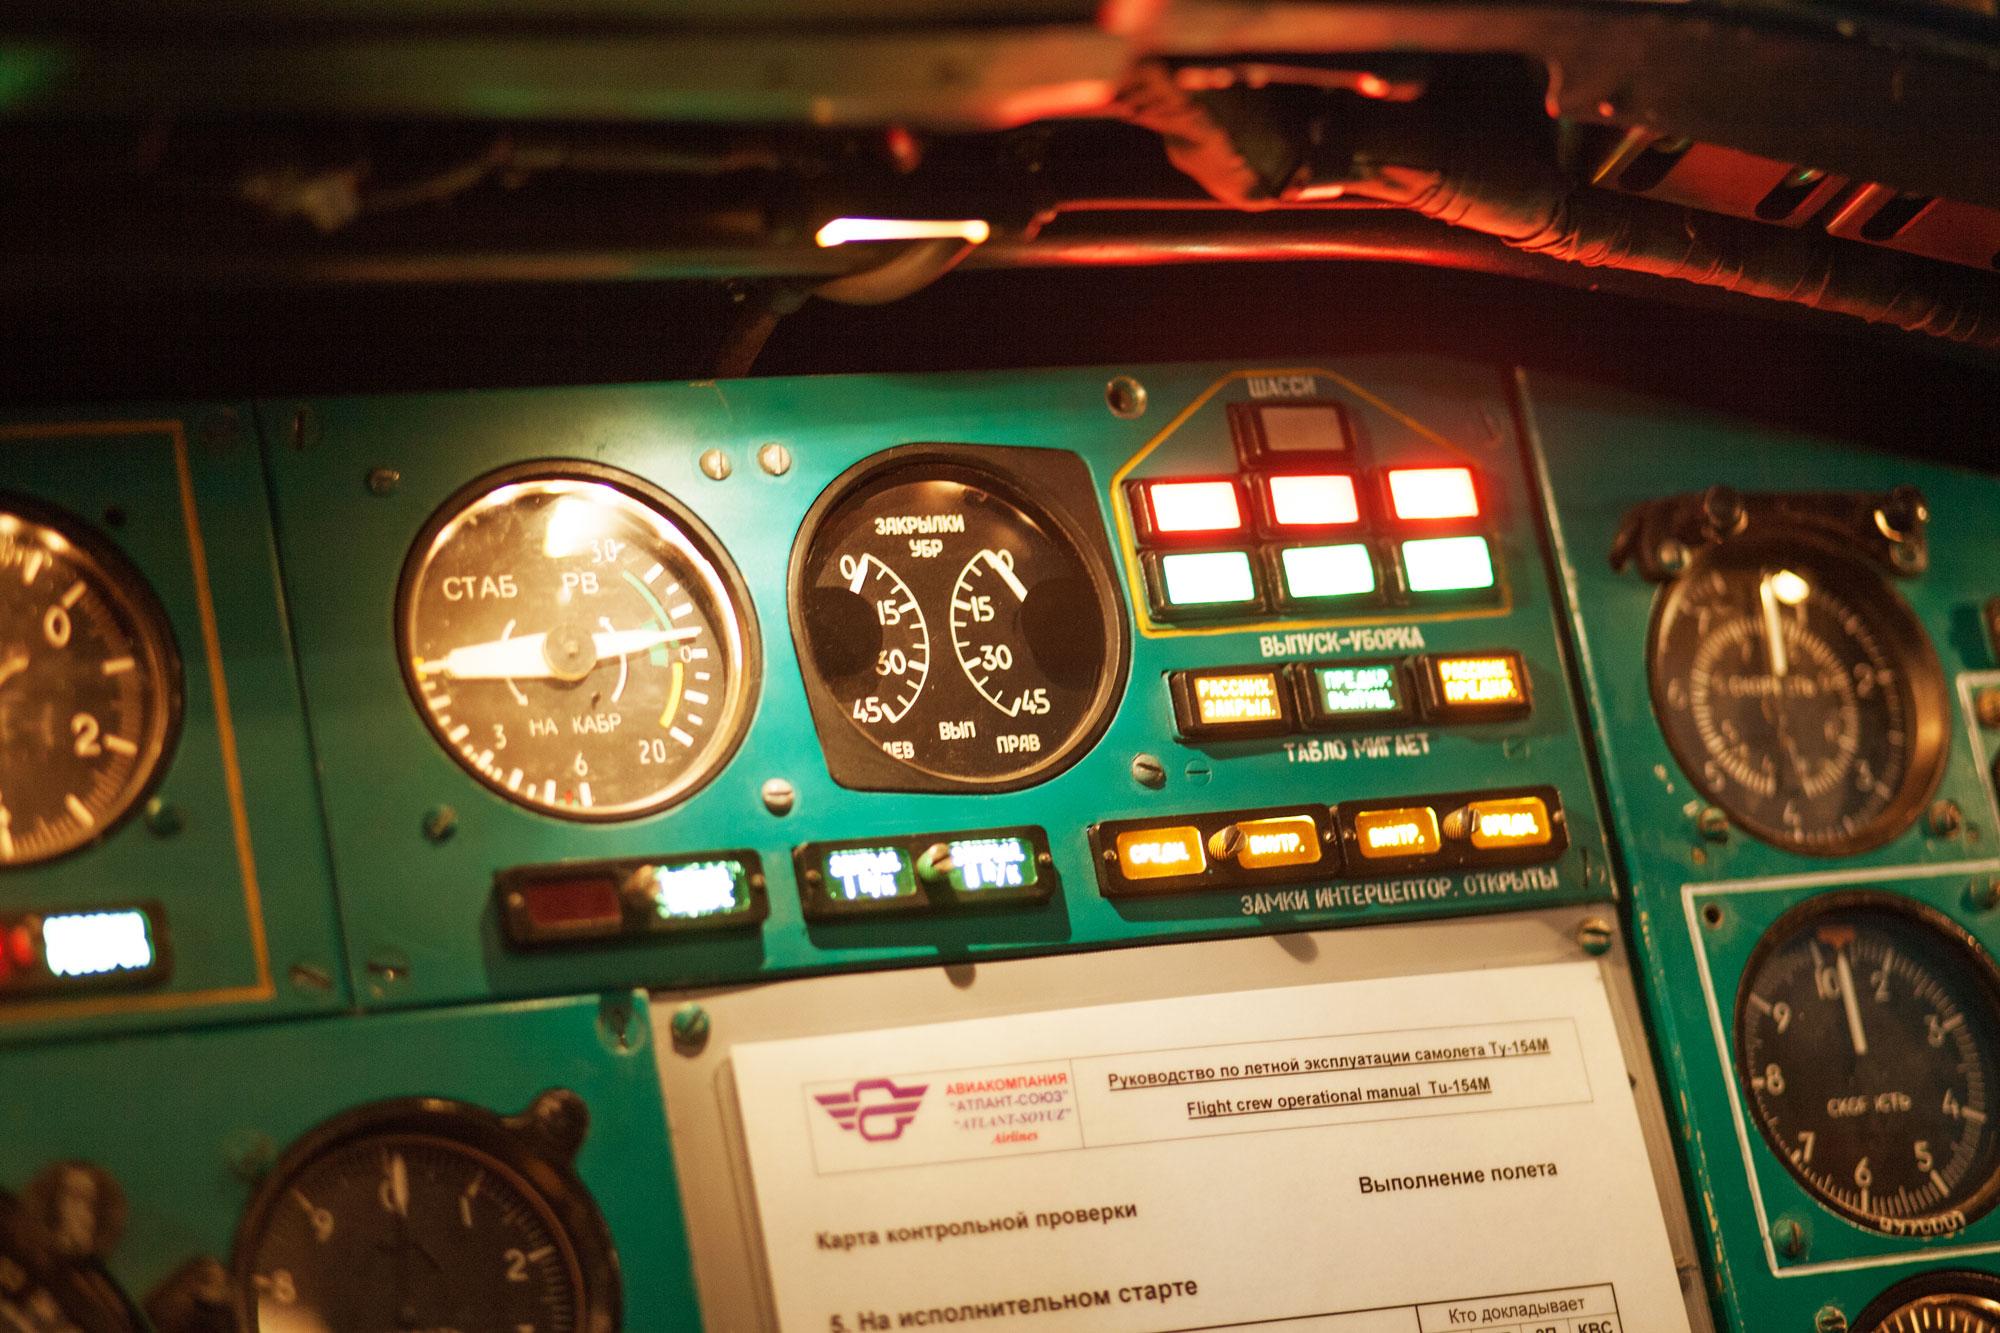 Приладова дошка тренажера літака Ту-154